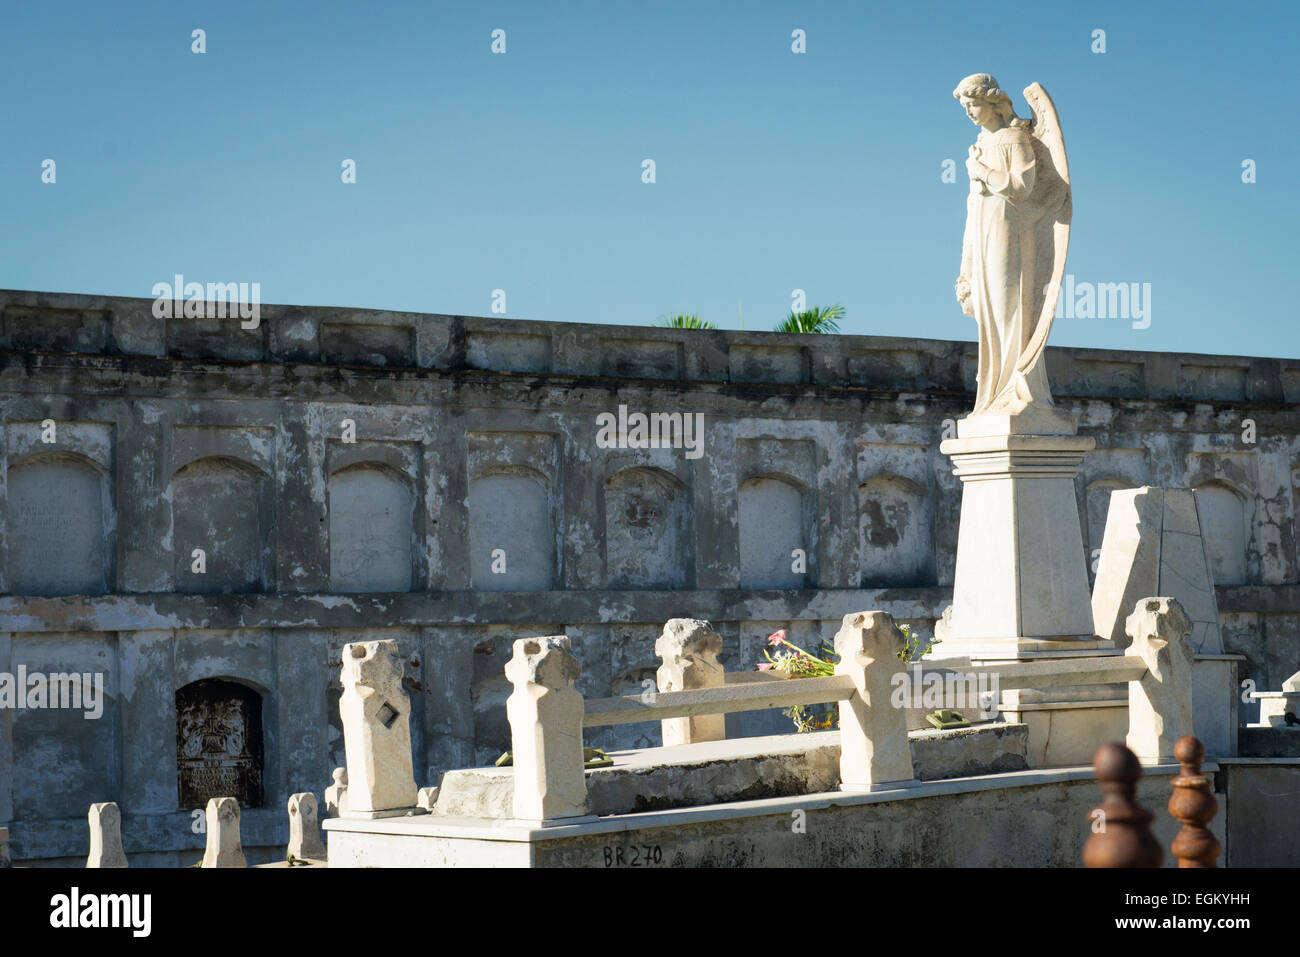 Cuba Cienfuegos Cementerio General La Reina Neo Classical ...